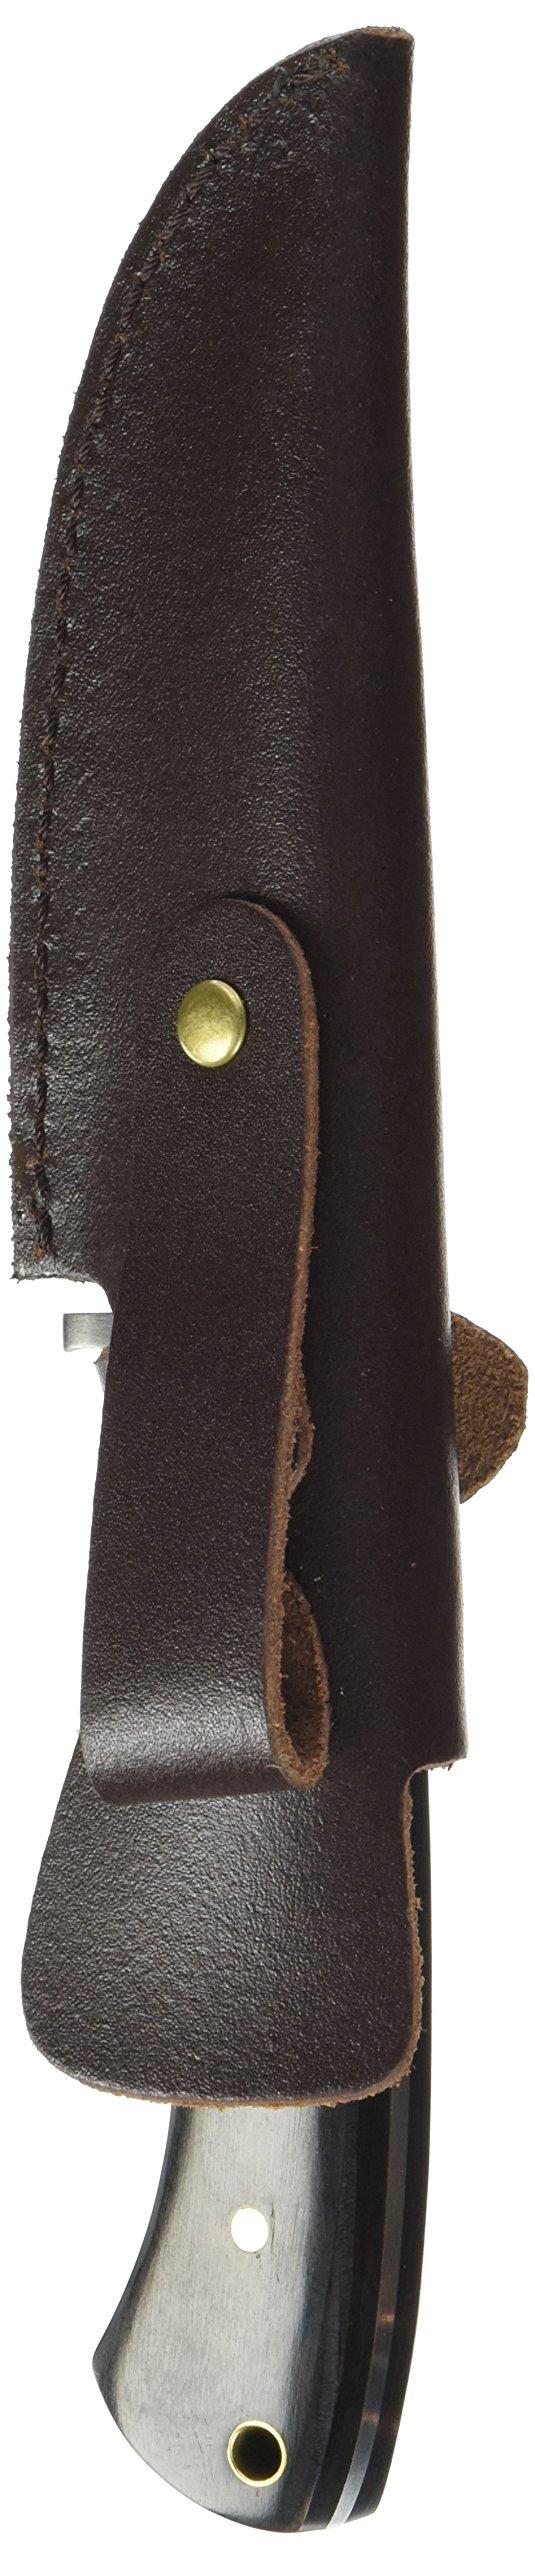 Elk Ridge ER-087 Outdoor Fixed Blade Knife 8.5-Inch Overall by Elk Ridge